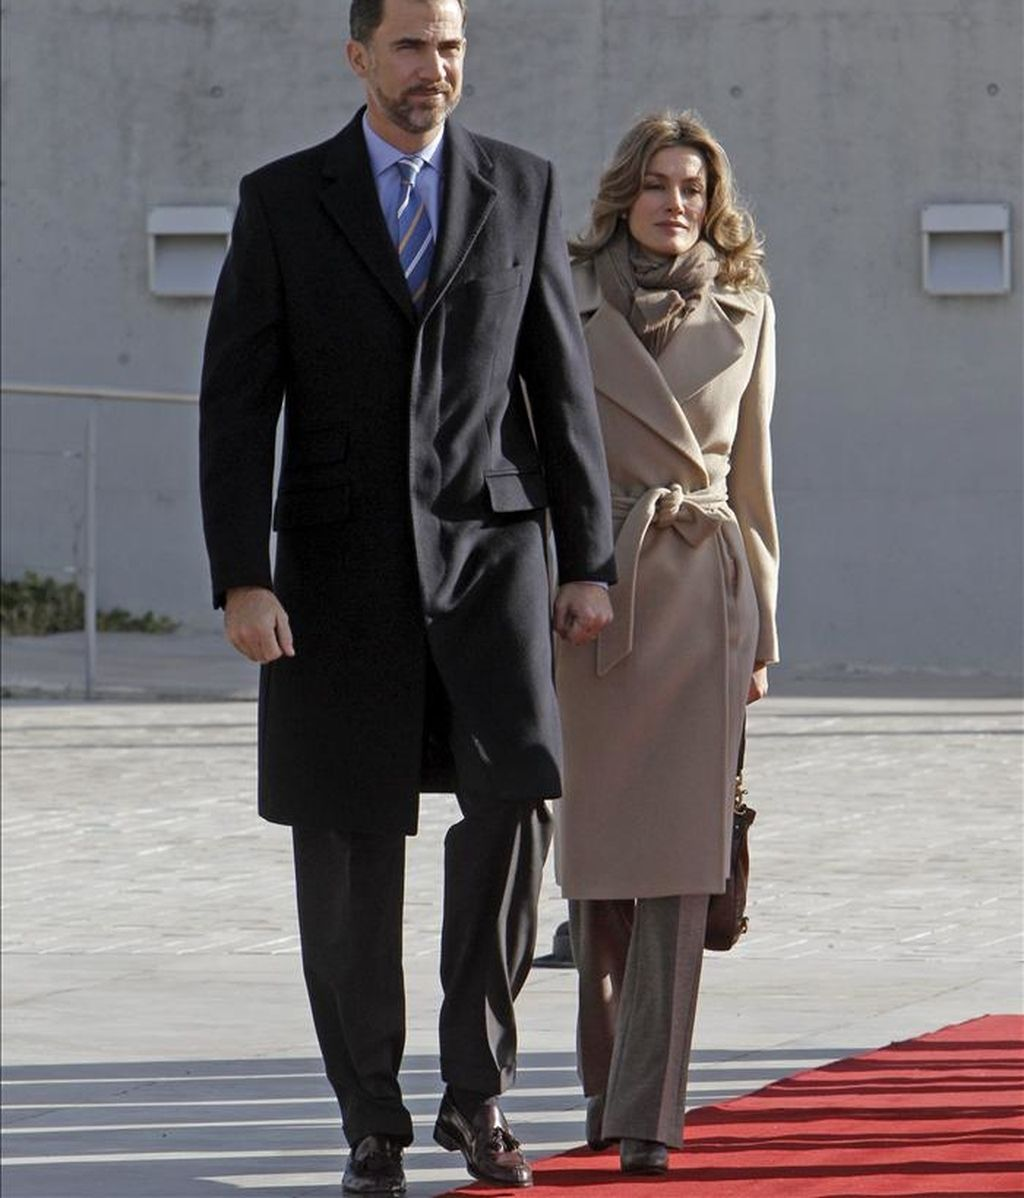 Los Príncipes de Asturias, antes de subir al avión que les trasladó a Perú para una visita oficial. Los Príncipes inician hoy una gira por la región de Oriente Medio con Israel como primera escala. EFE/Archivo